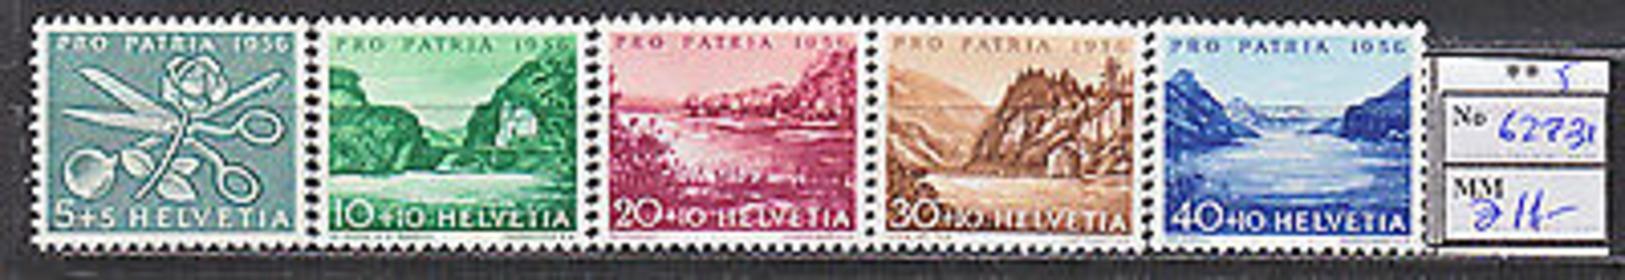 MTA0238.Switzerland 1956 MNH 5v CV 11 Eur Nature Roses - Non Classés